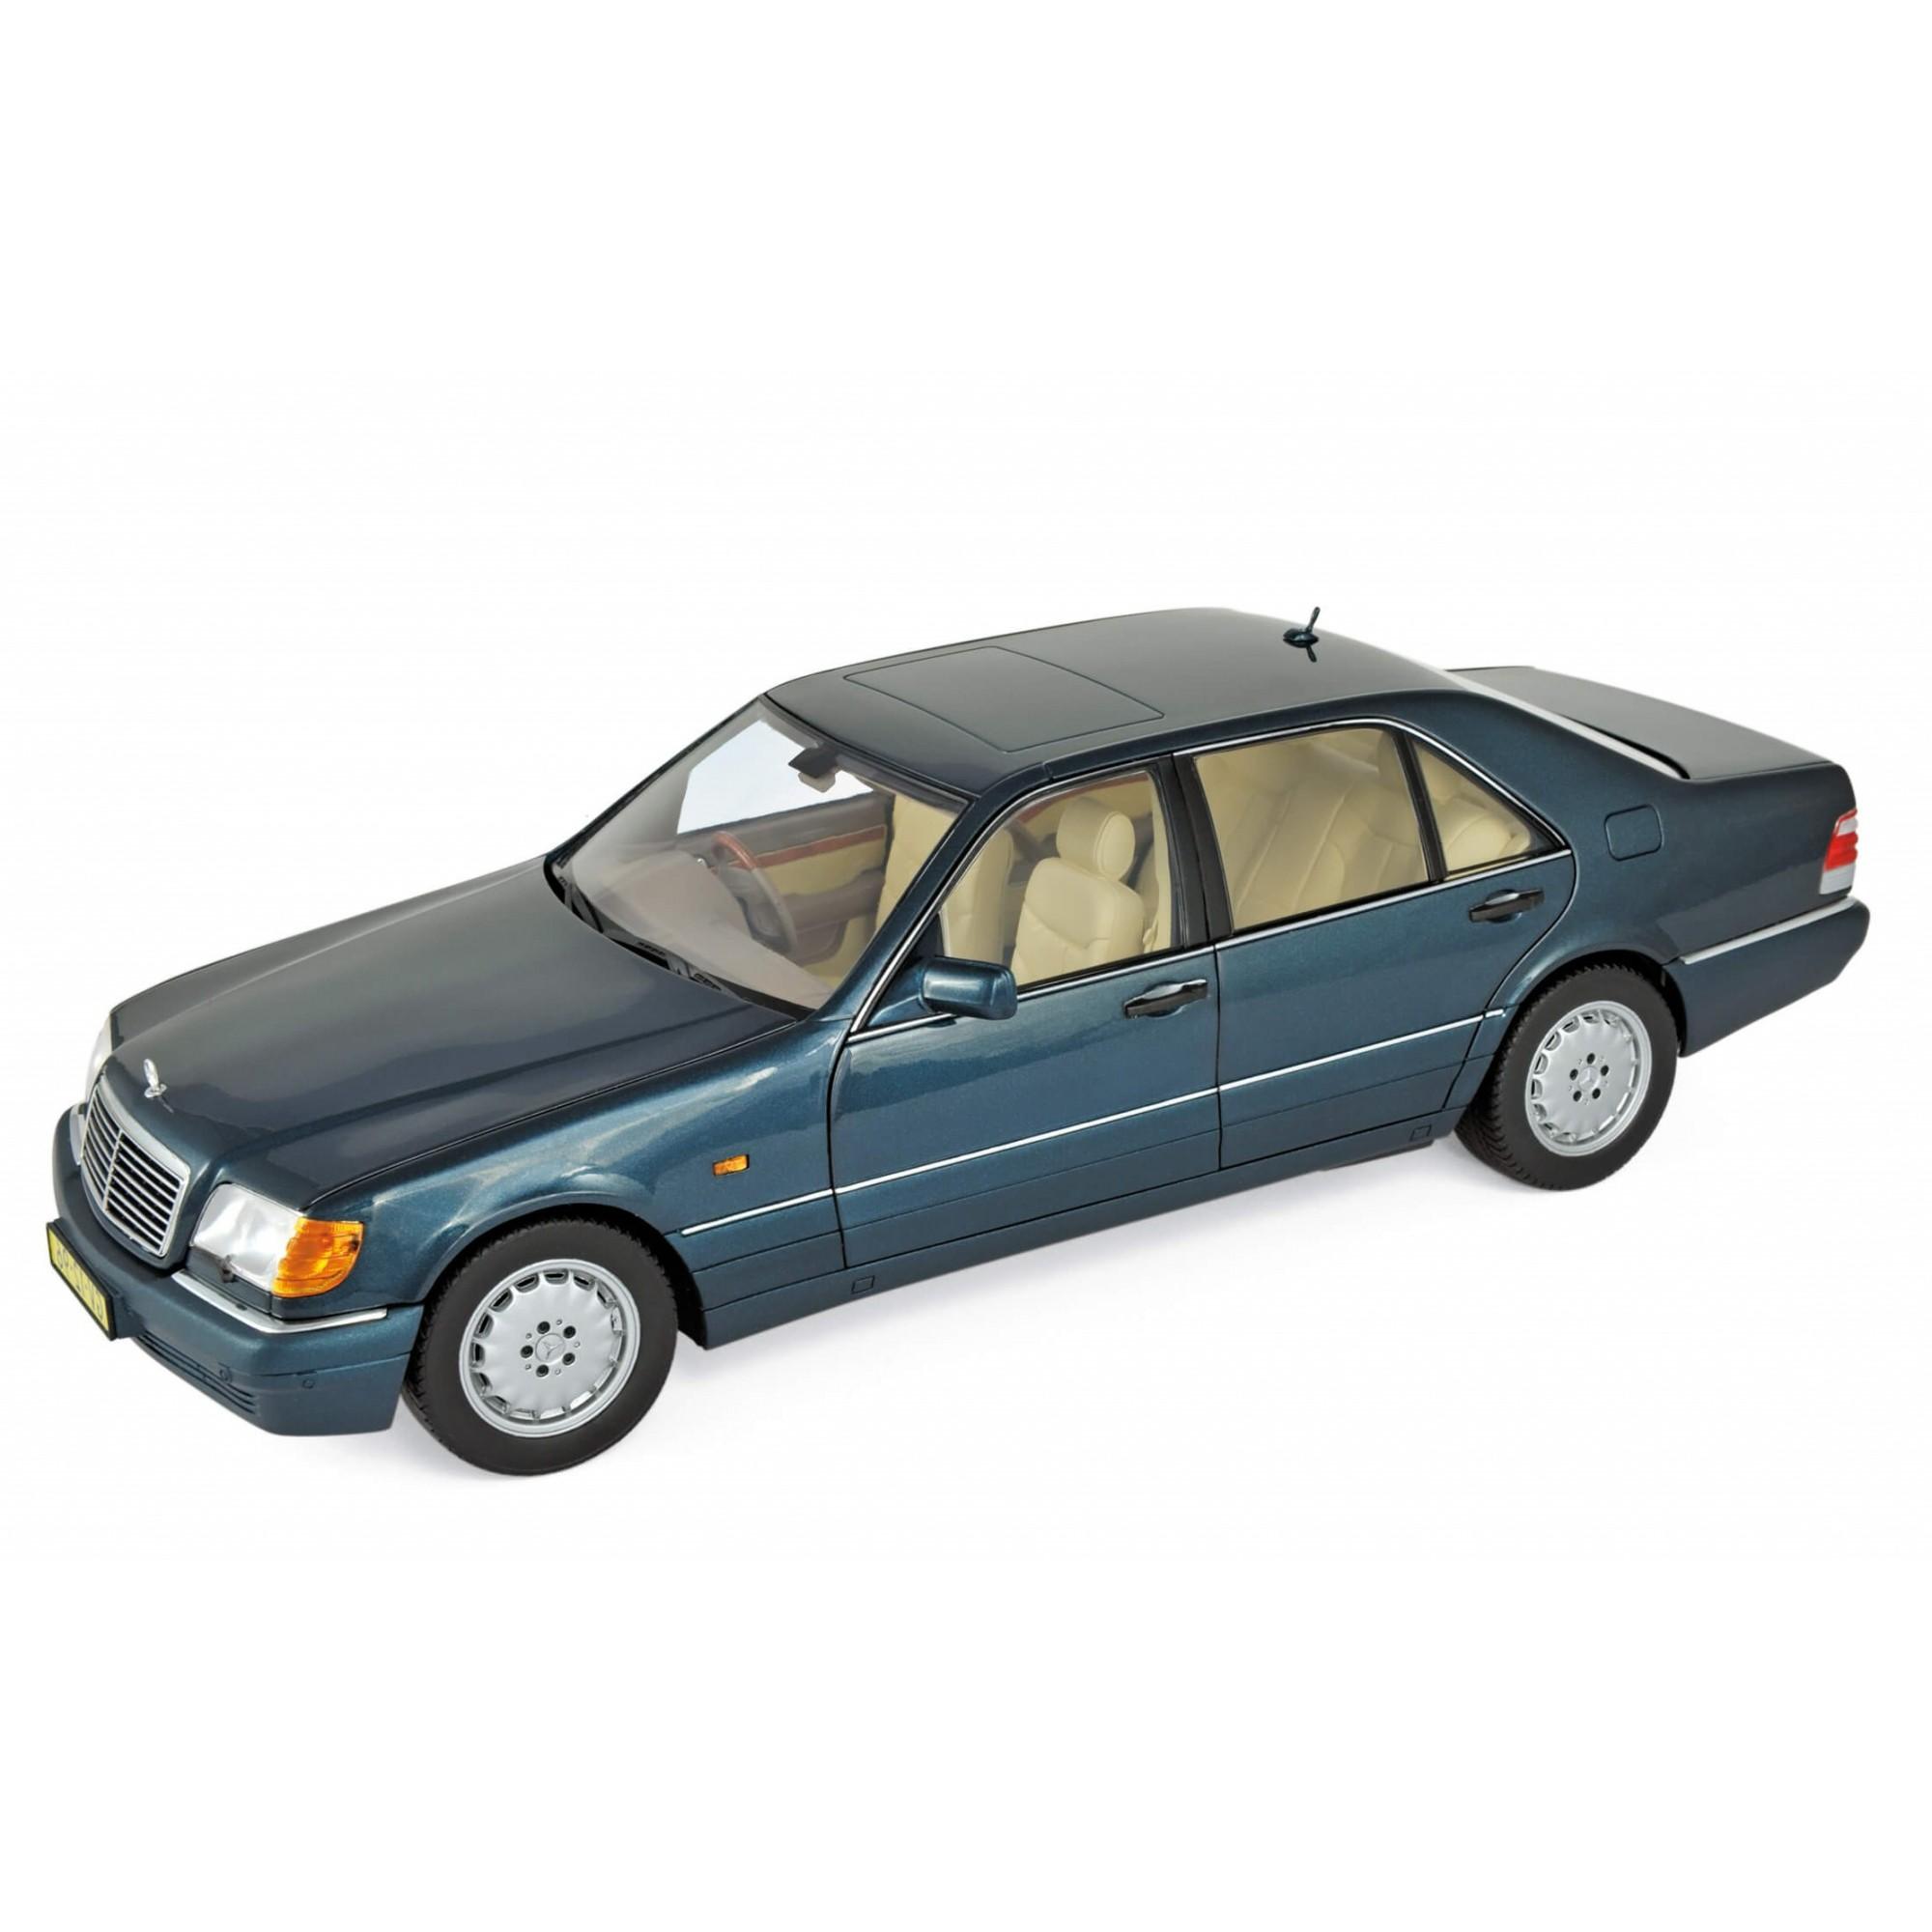 Miniatura Mercedes Benz S600 1997 1/18 Norev